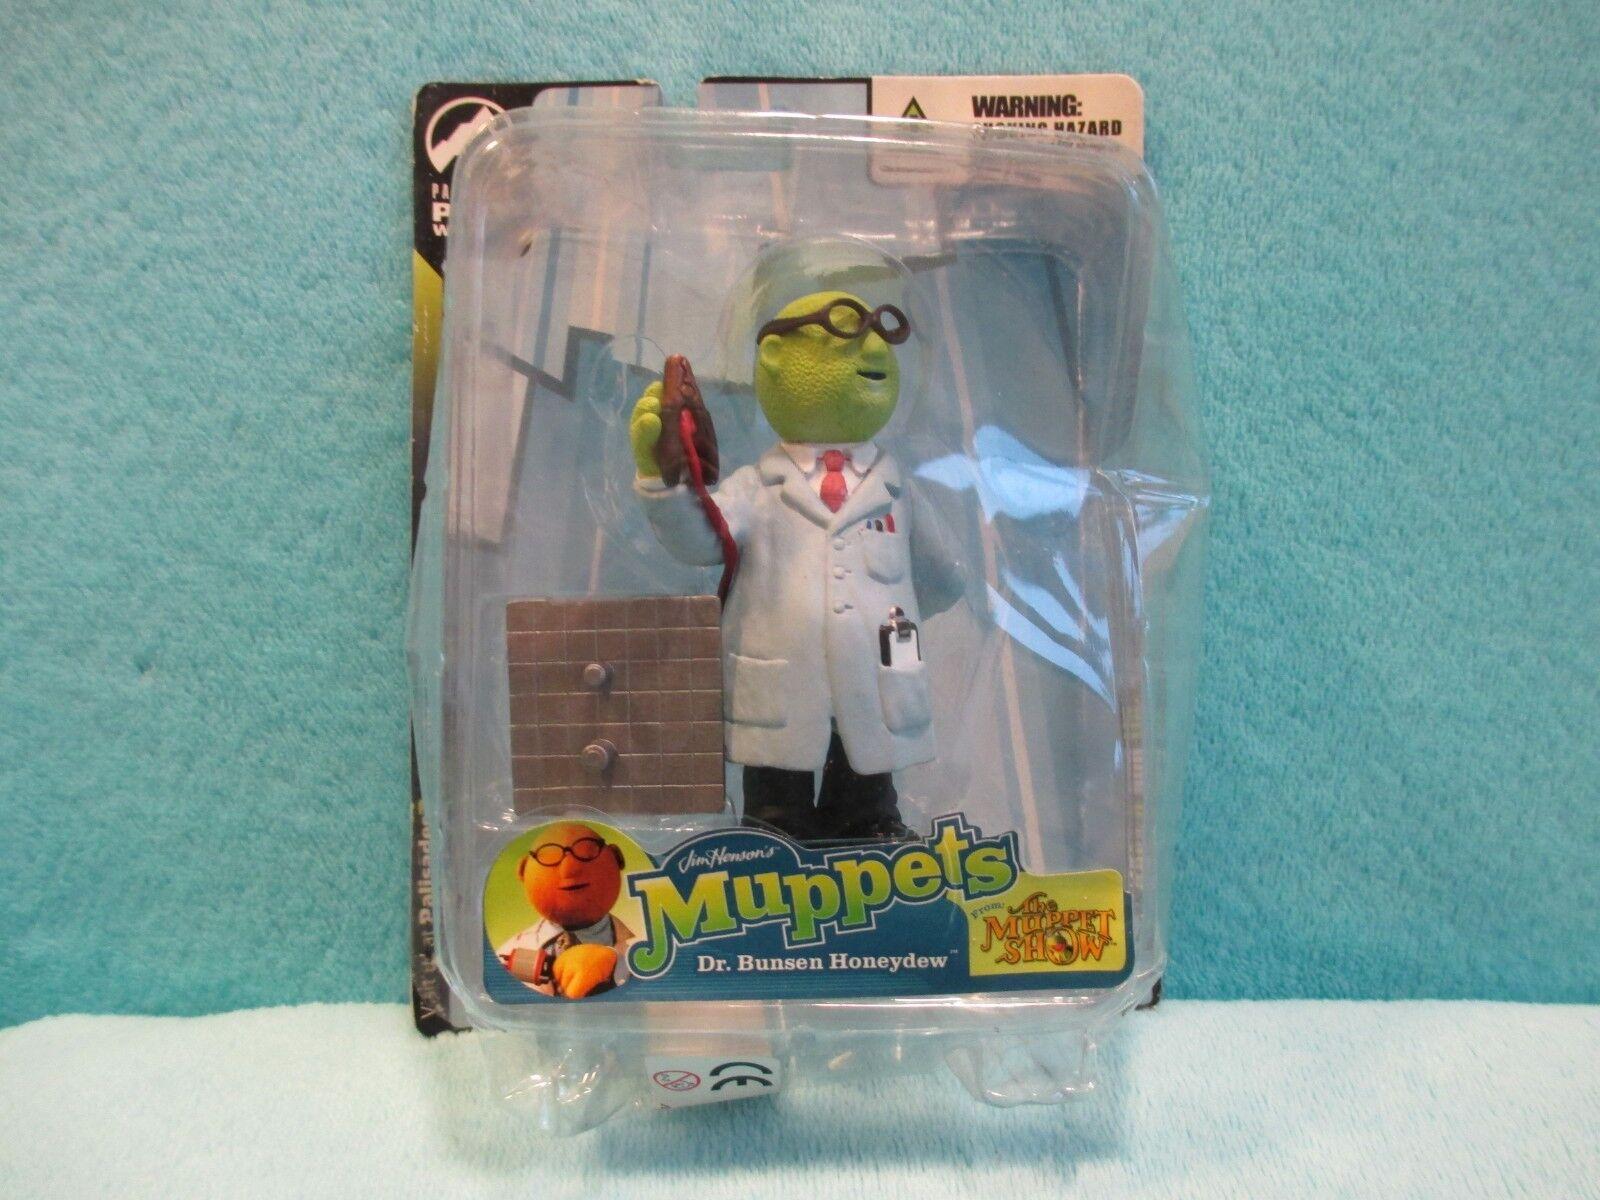 Palisades Juguetes el Muppets Show-Mini Dr Bunsen Honeydew Estatuilla Figura MOC